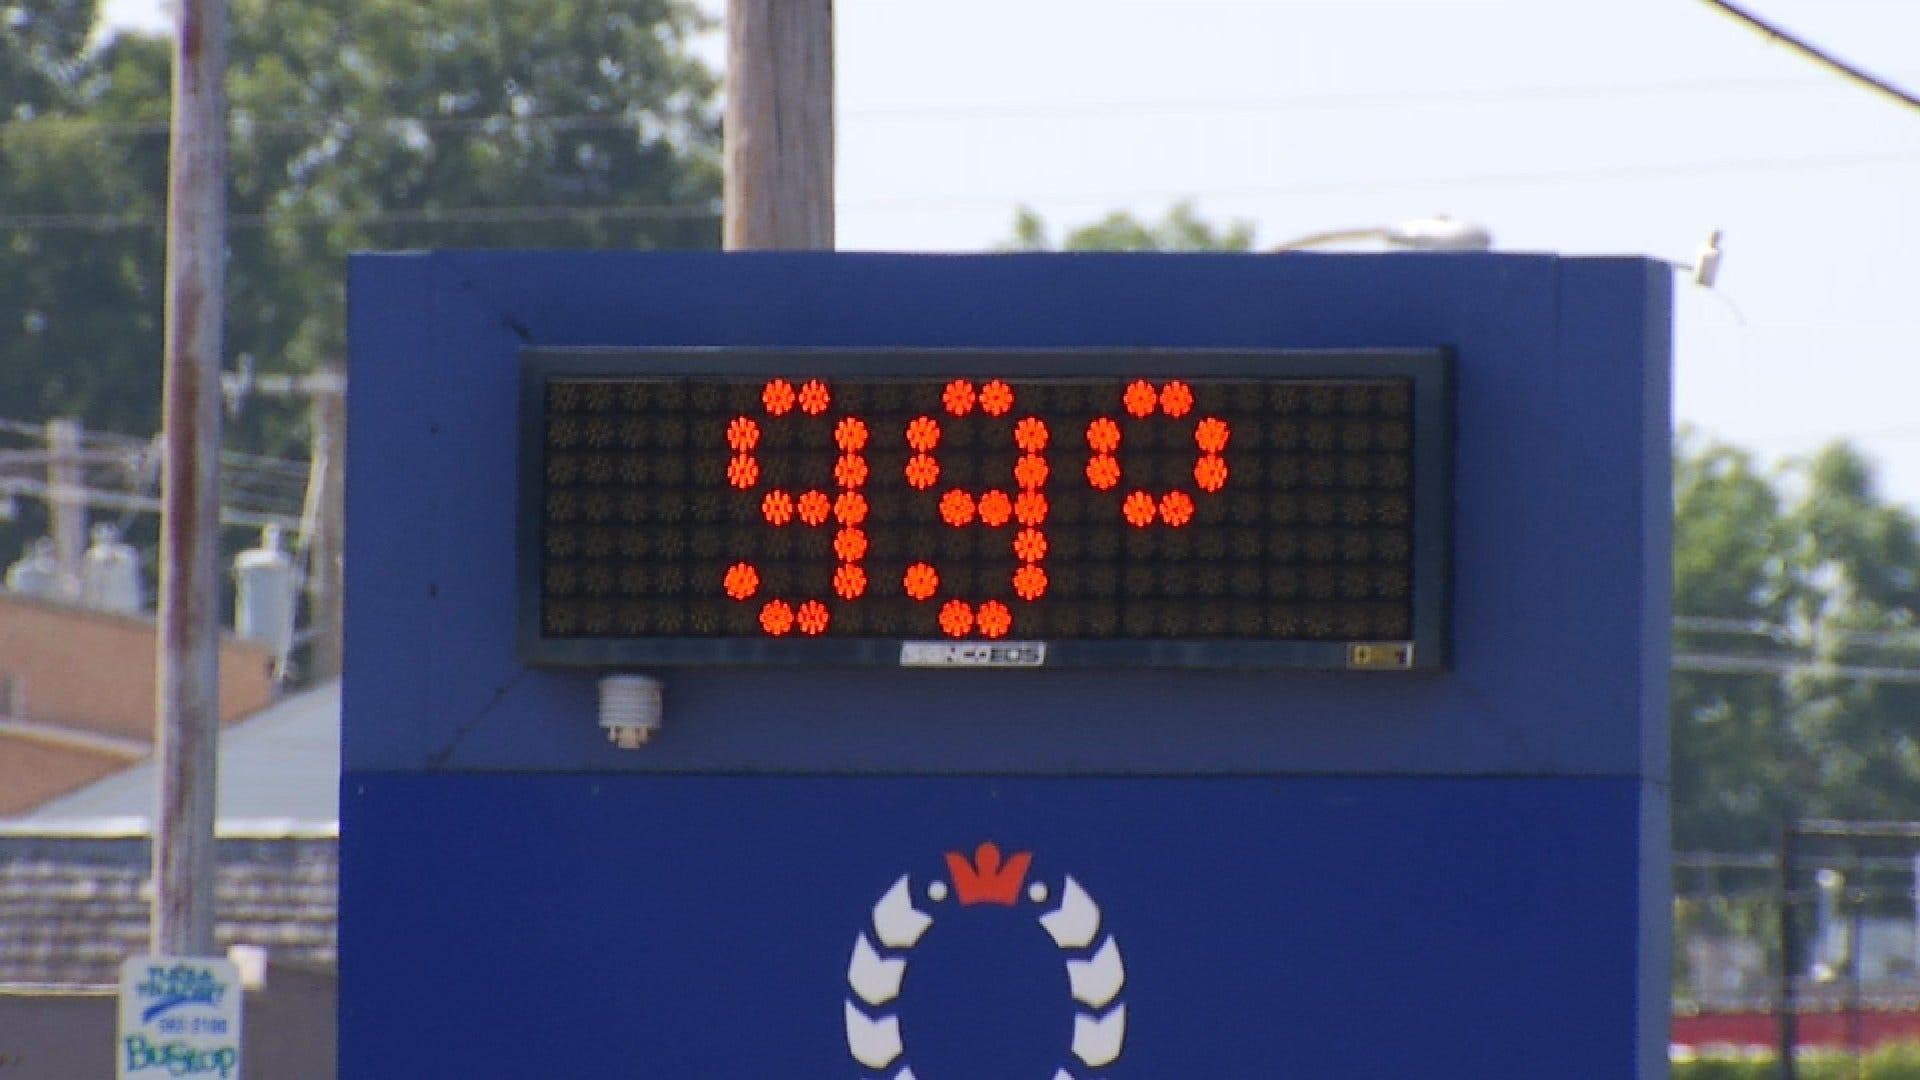 EMSA Advising Caution As Temperatures Rise